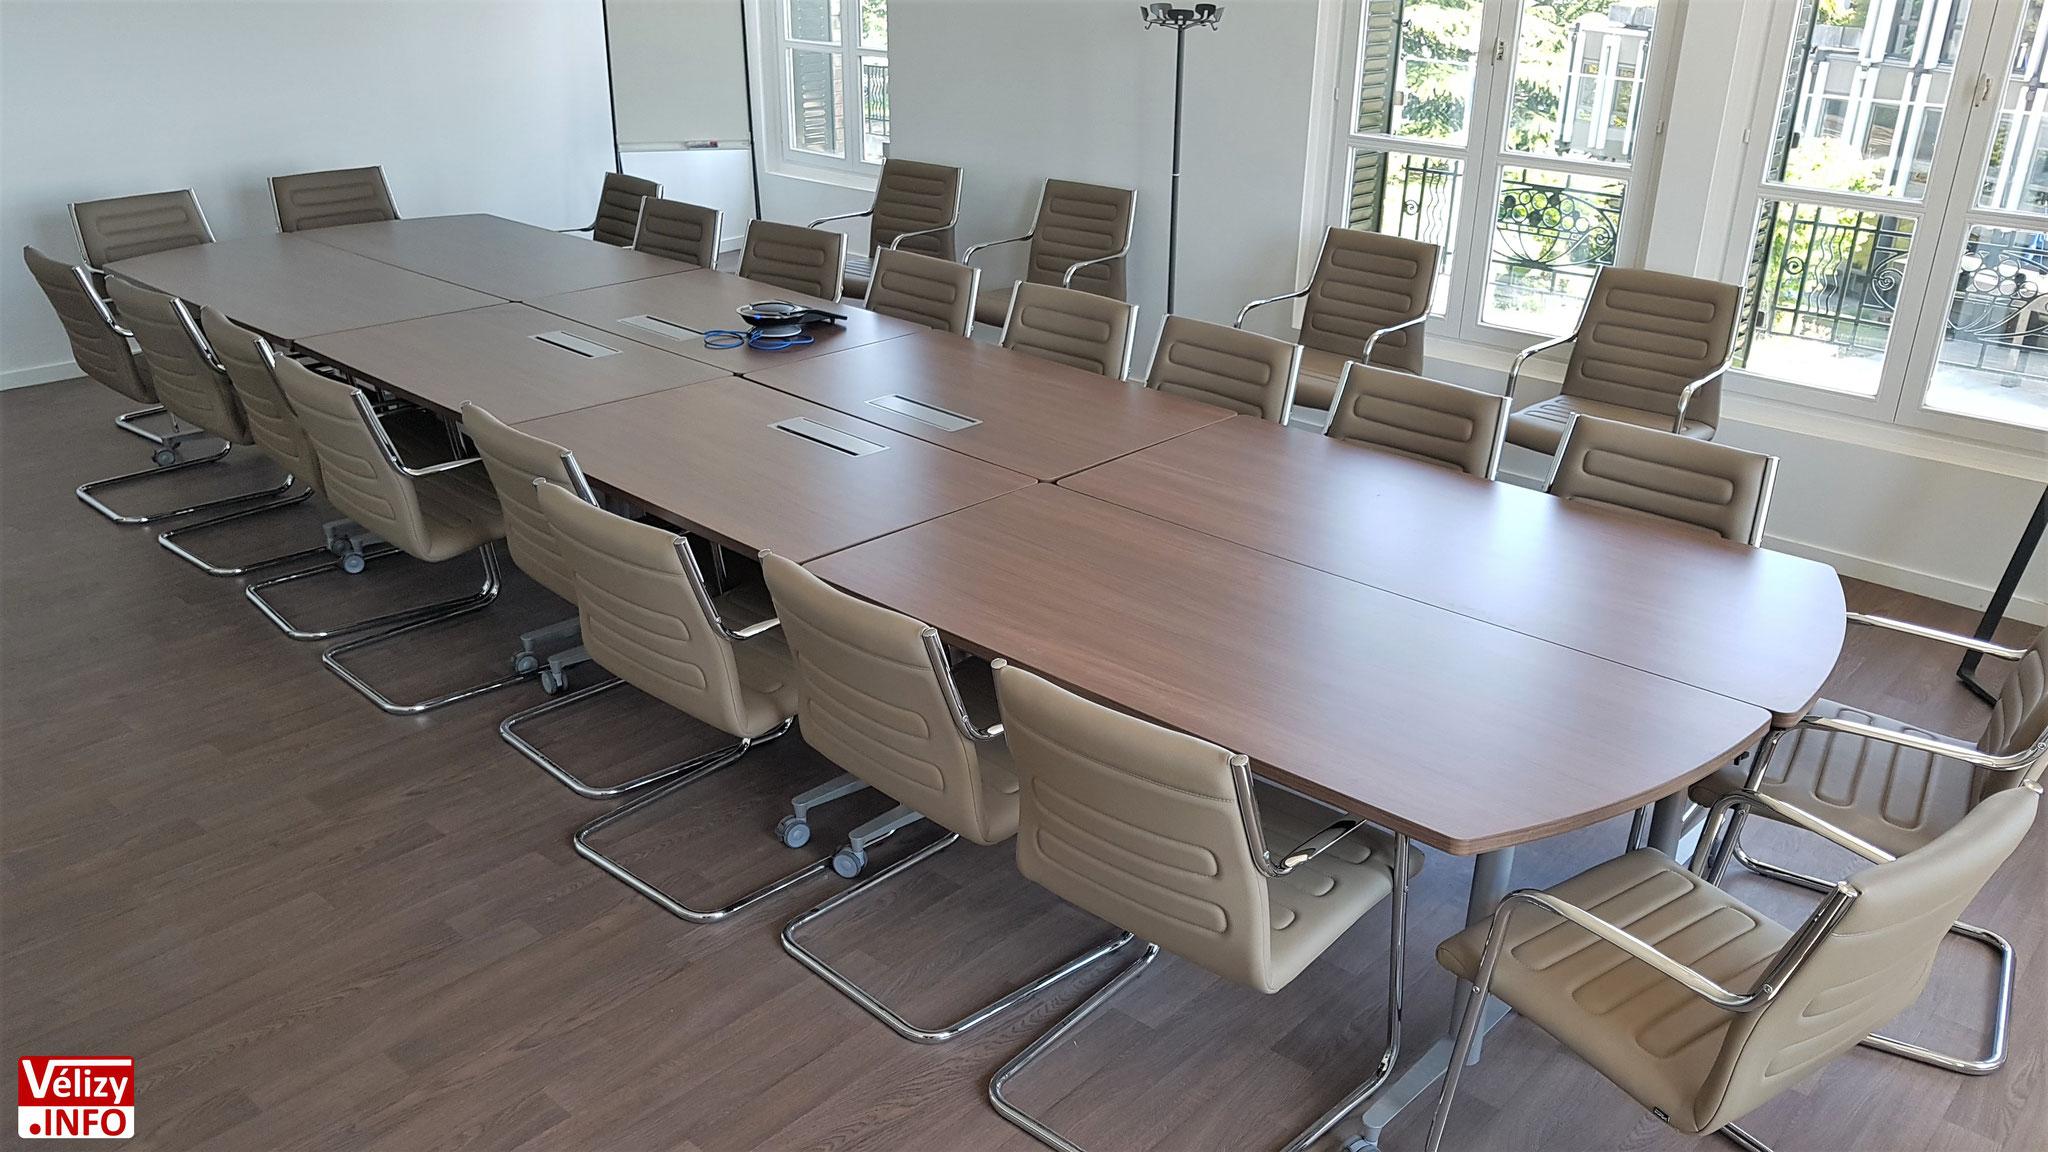 Une salle de réunion de l'Hôtel de Police de Vélizy-Villacoublay.